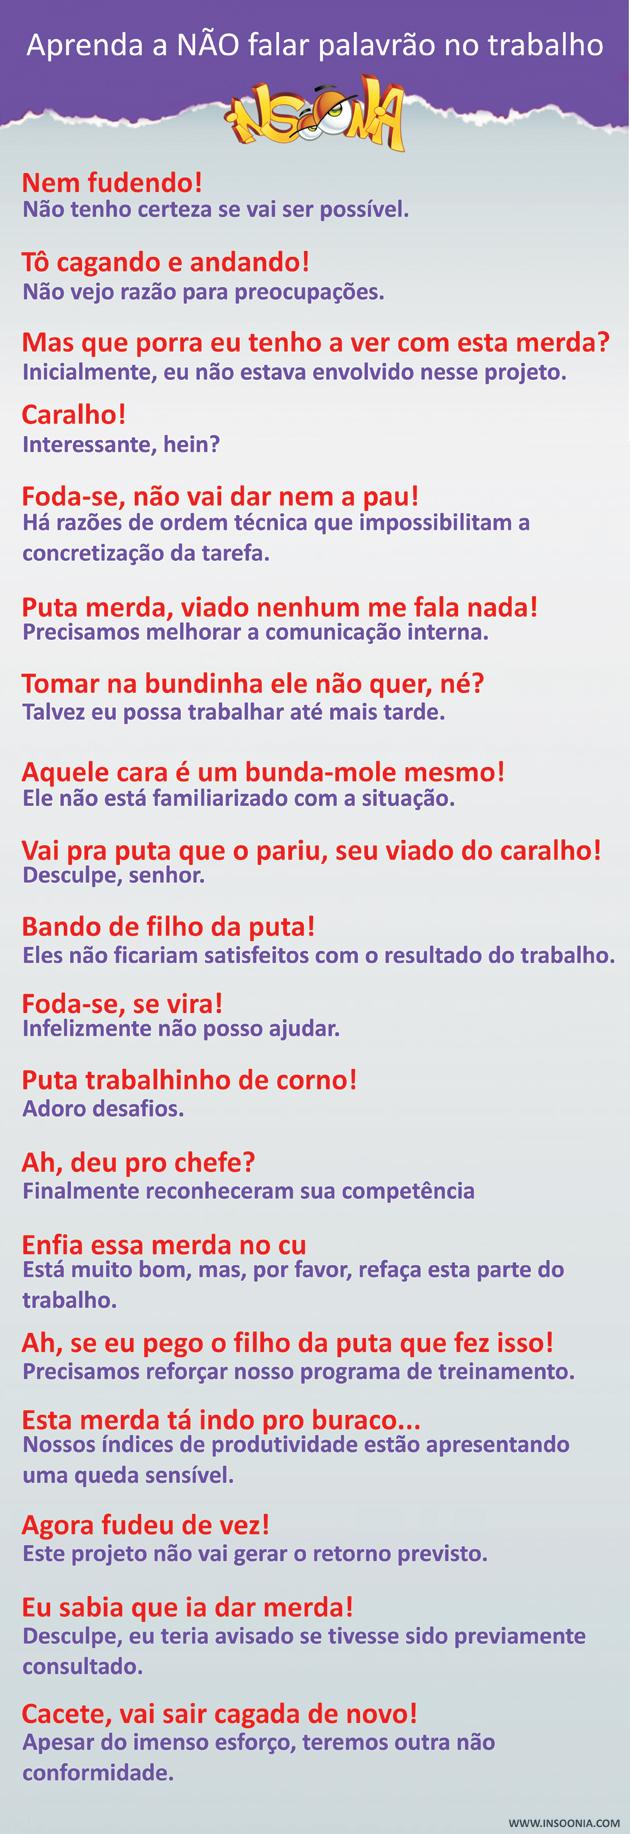 como_não_falar_palavrão_no_trabalho